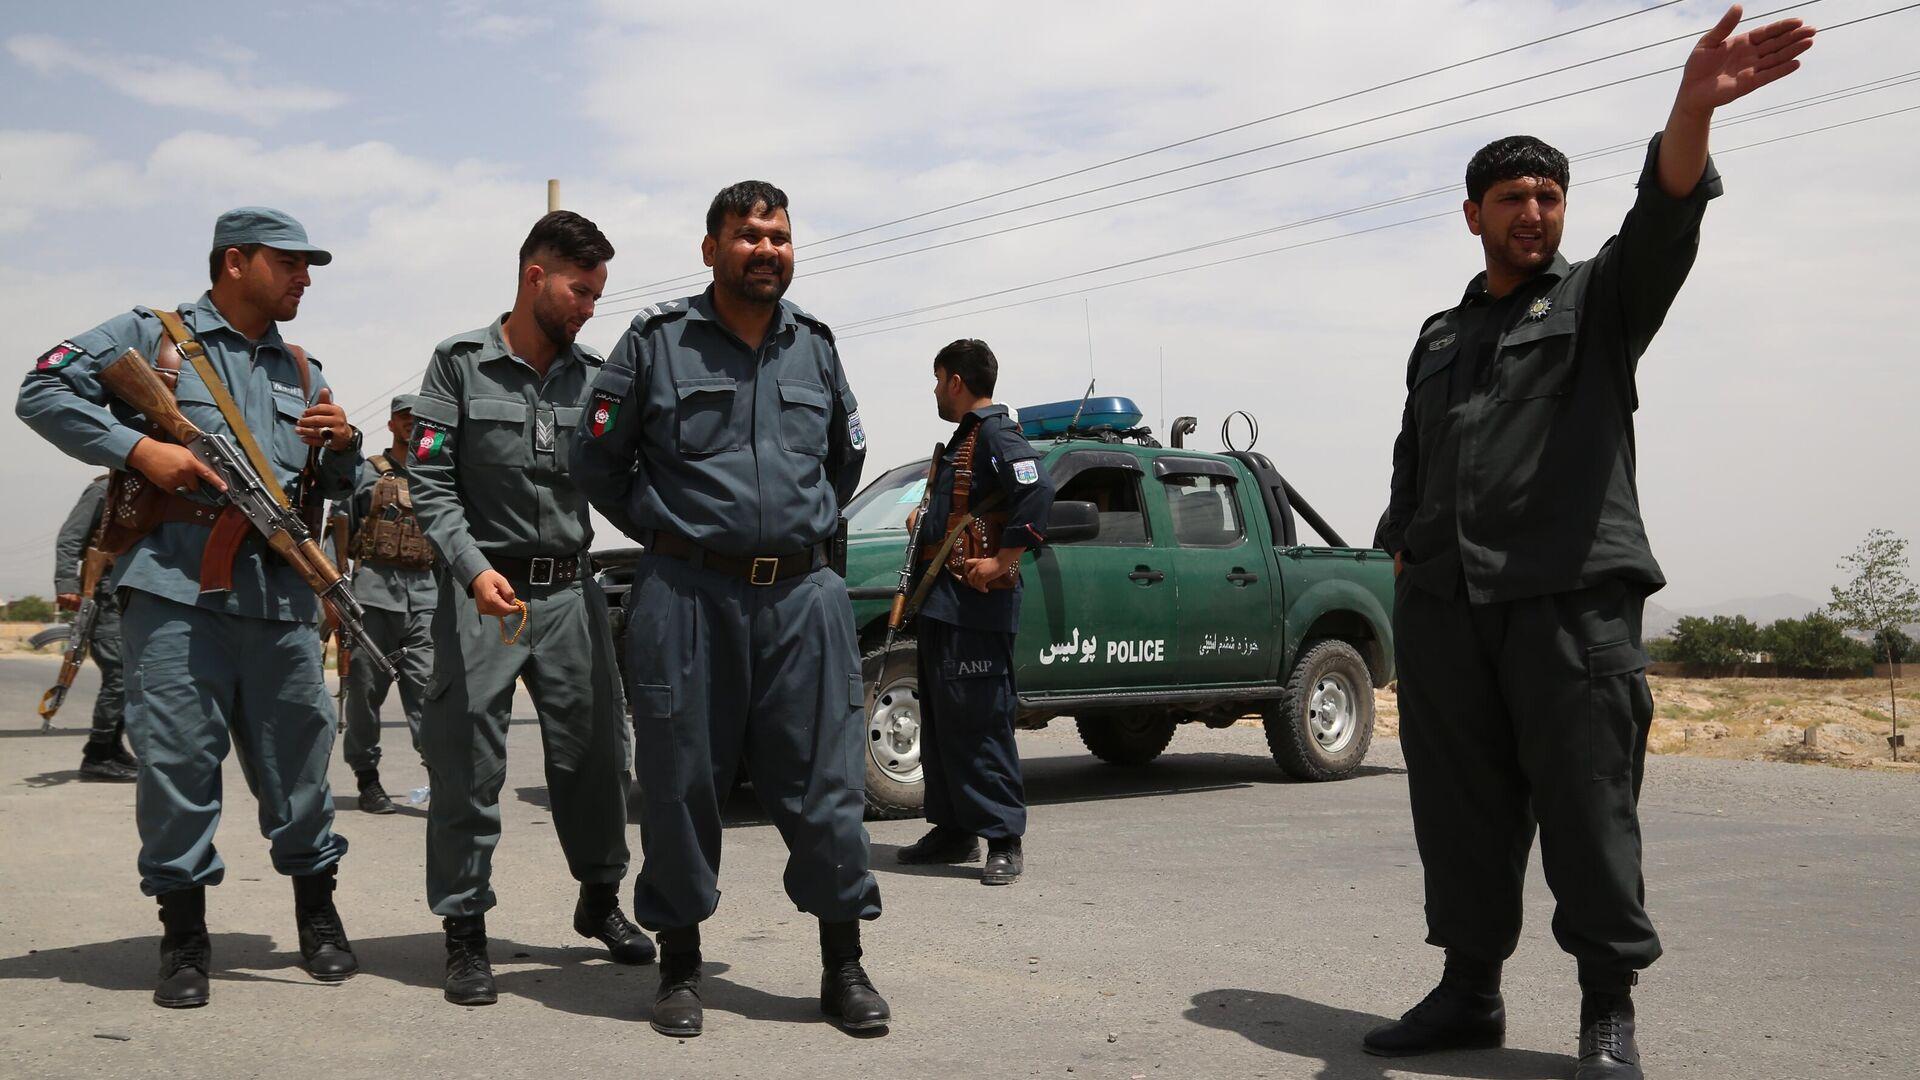 Сотрудники национальной полиции Афганистана на контрольно-пропускном пункте в Кабуле - РИА Новости, 1920, 02.08.2021